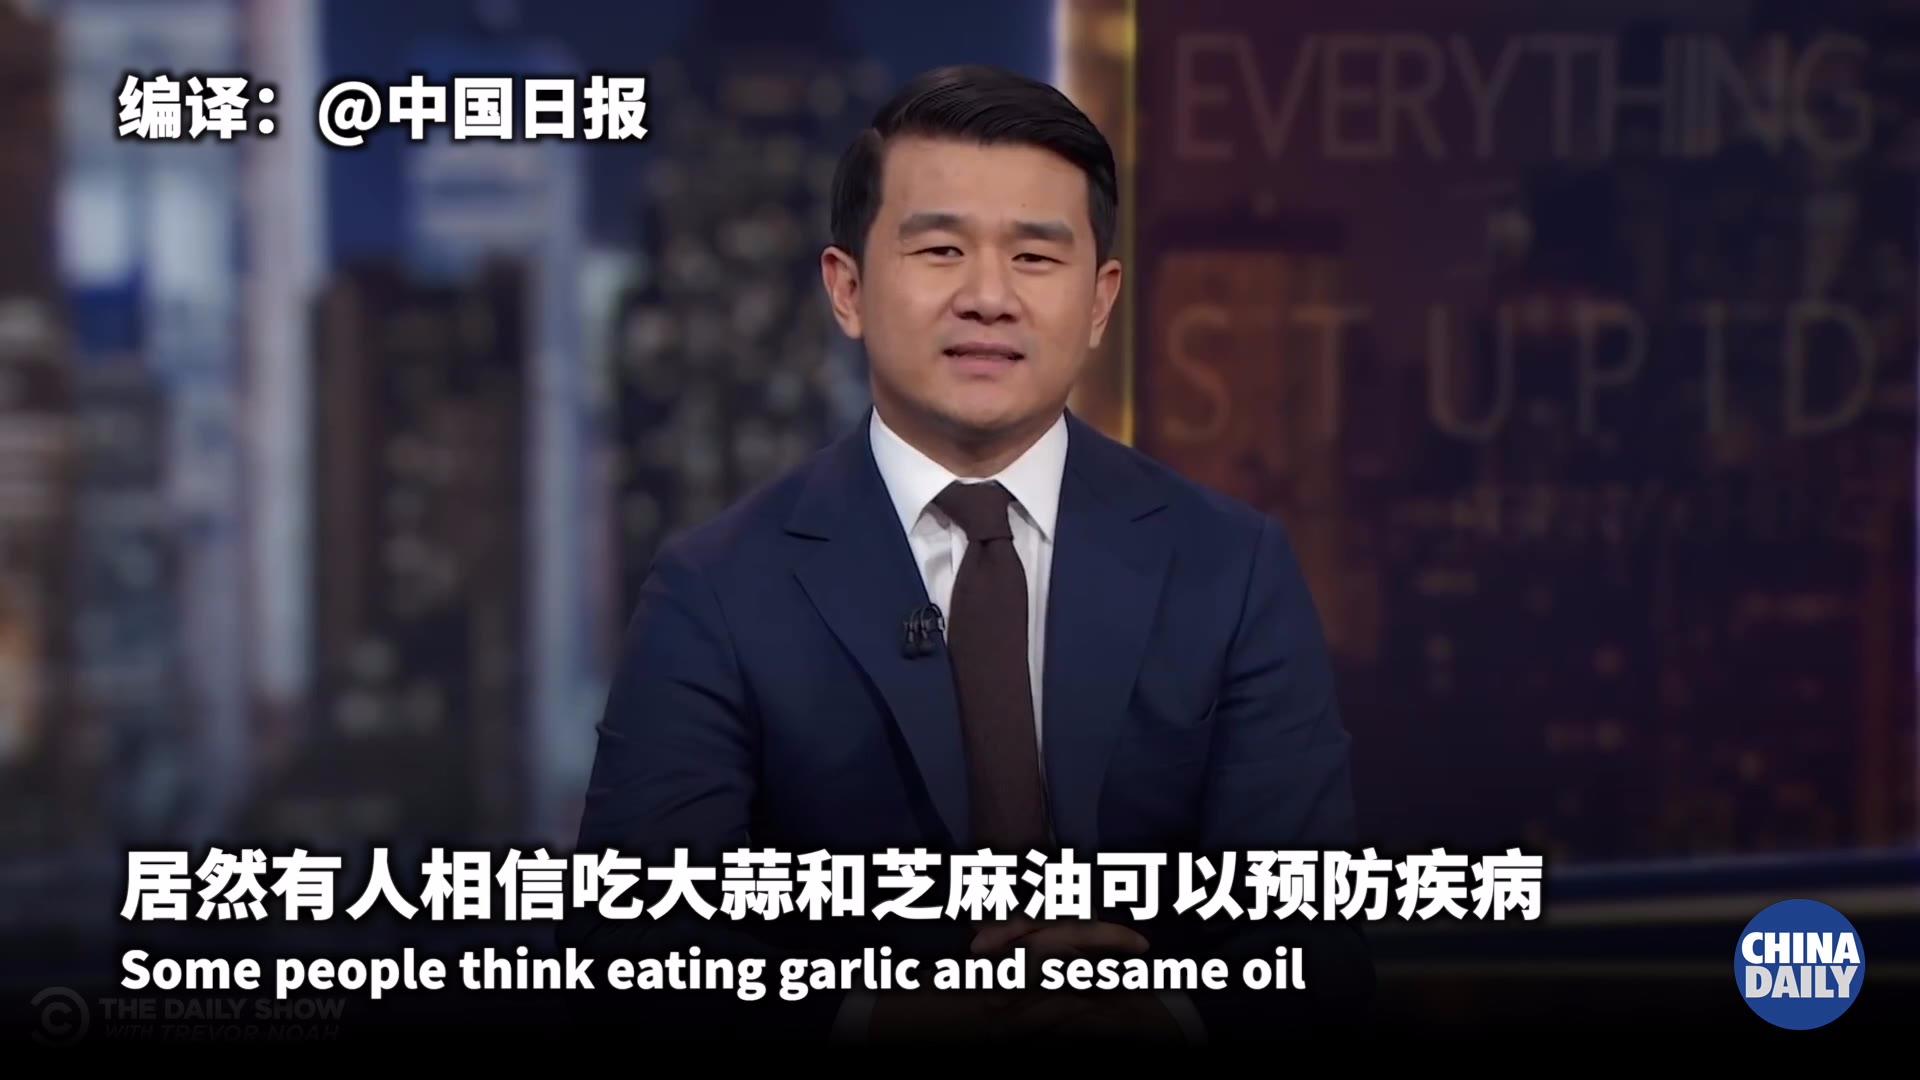 华裔喜剧演员吐槽亚洲人因疫情受到种族歧视